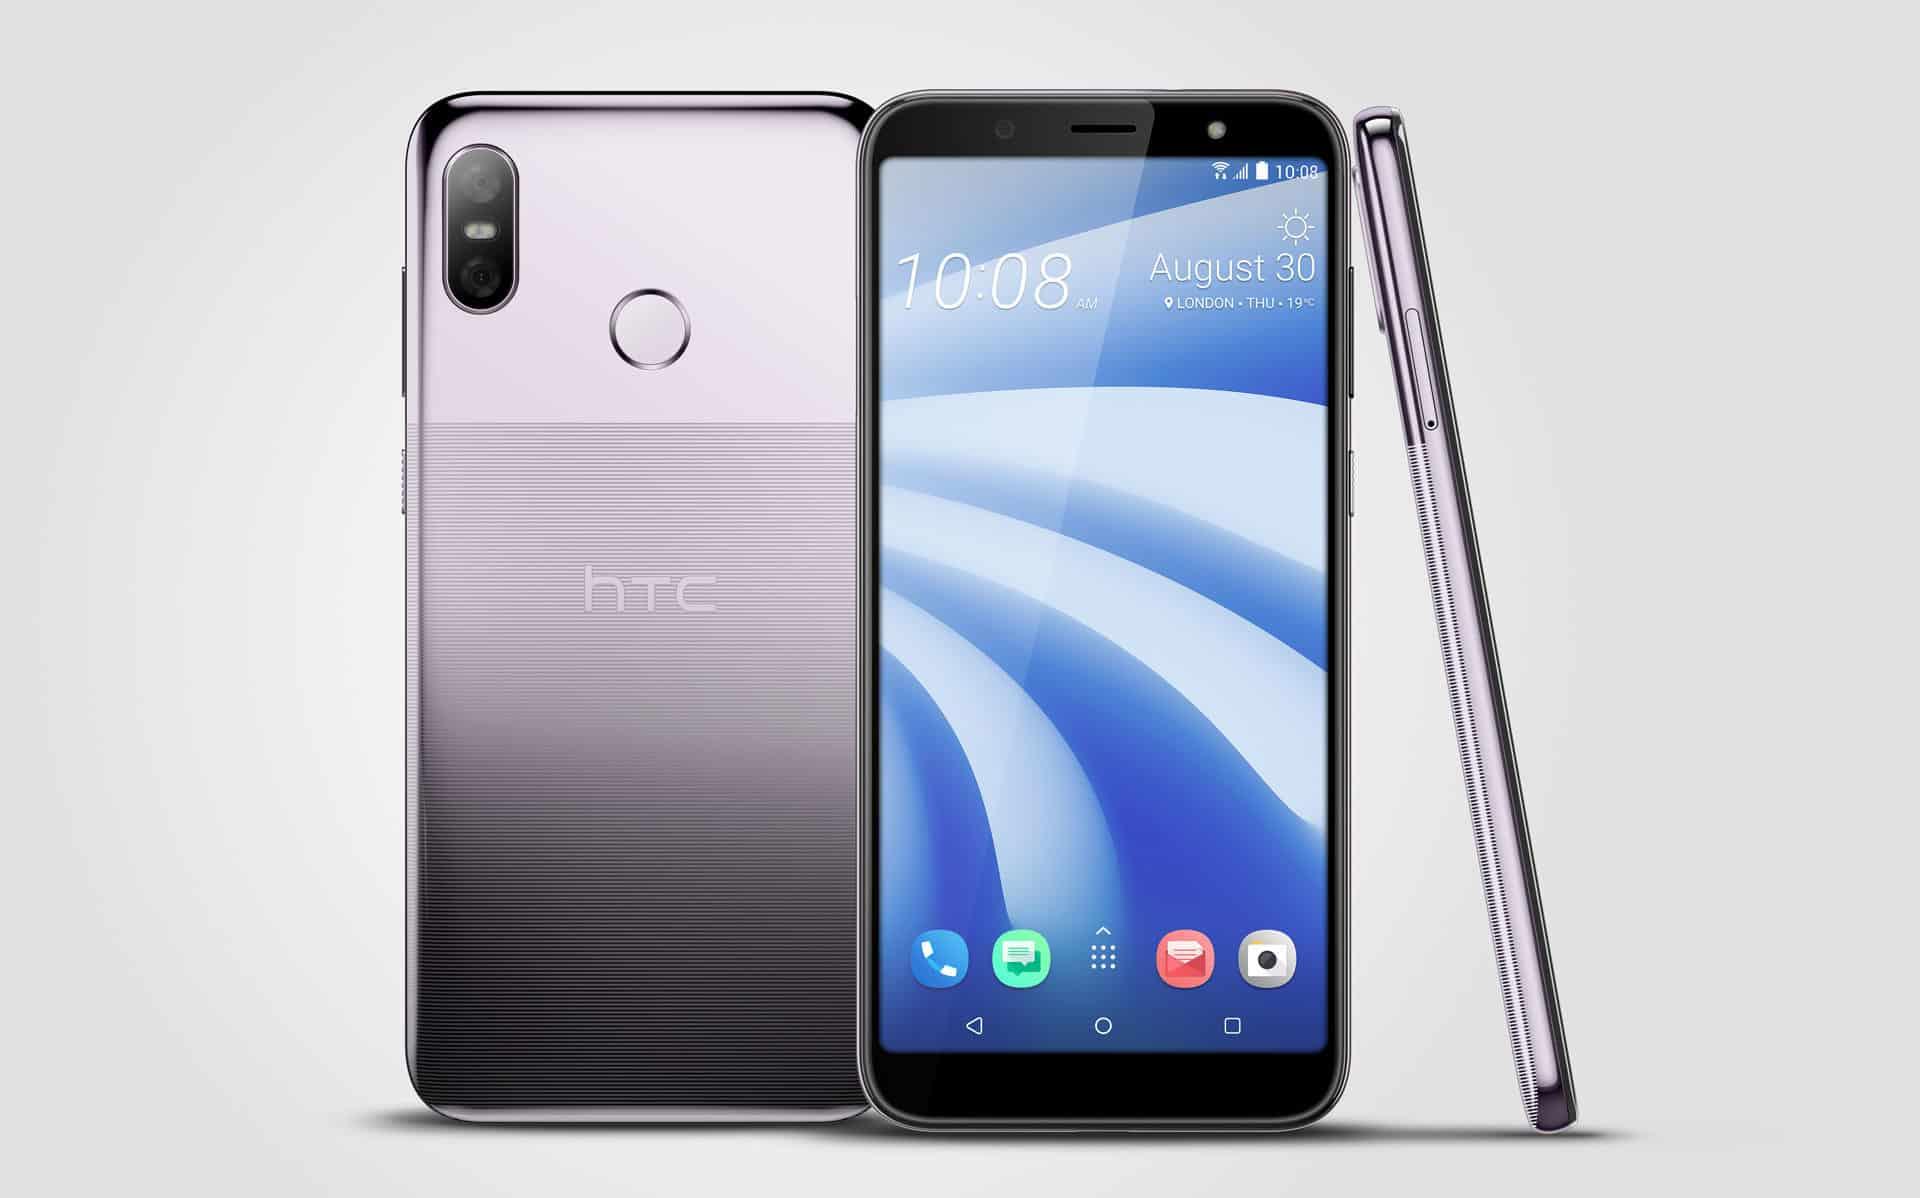 Nový smartphone s přívětivou cenou a drážkováním: HTC U12 life